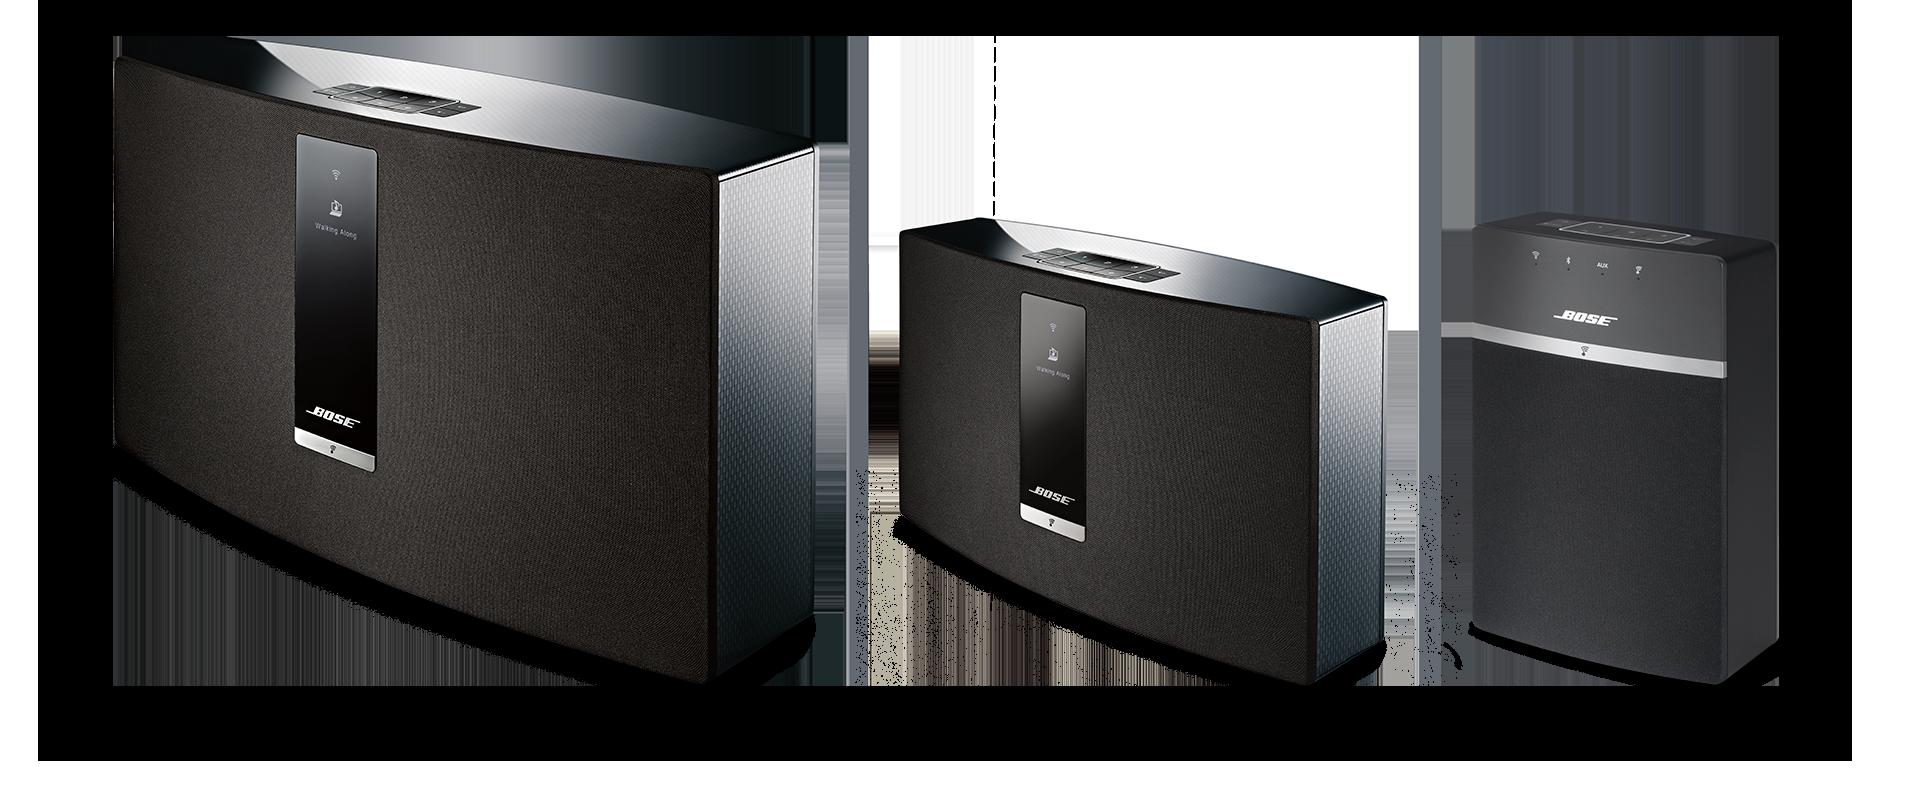 Chaine Hifi Encastrable Salle De Bain ~ bose soundtouch 10 test complet platine musicale serveur audio